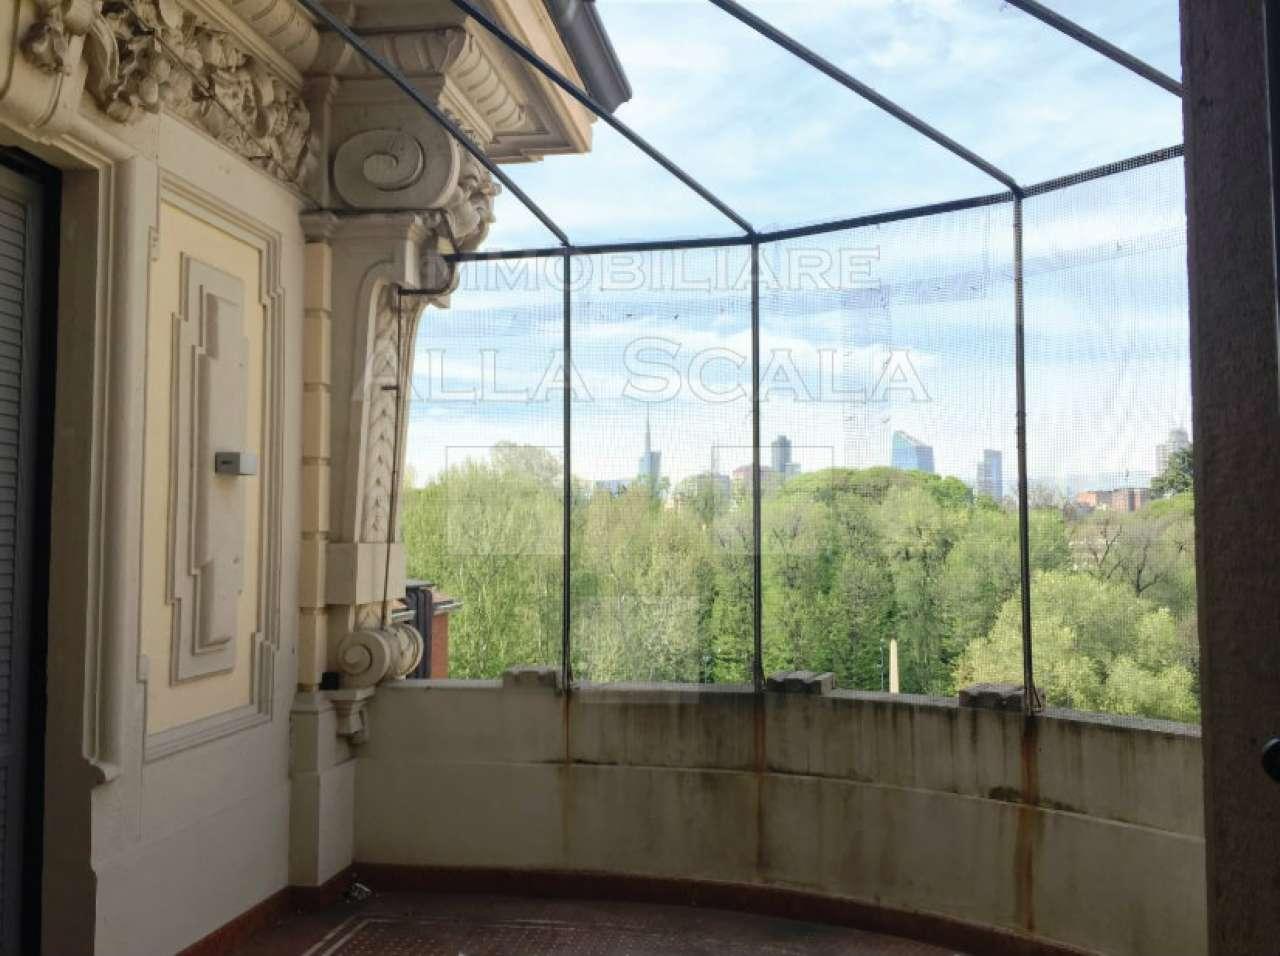 Appartamento in affitto a Milano, 6 locali, zona Zona: 1 . Centro Storico, Duomo, Brera, Cadorna, Cattolica, prezzo € 8.500 | CambioCasa.it